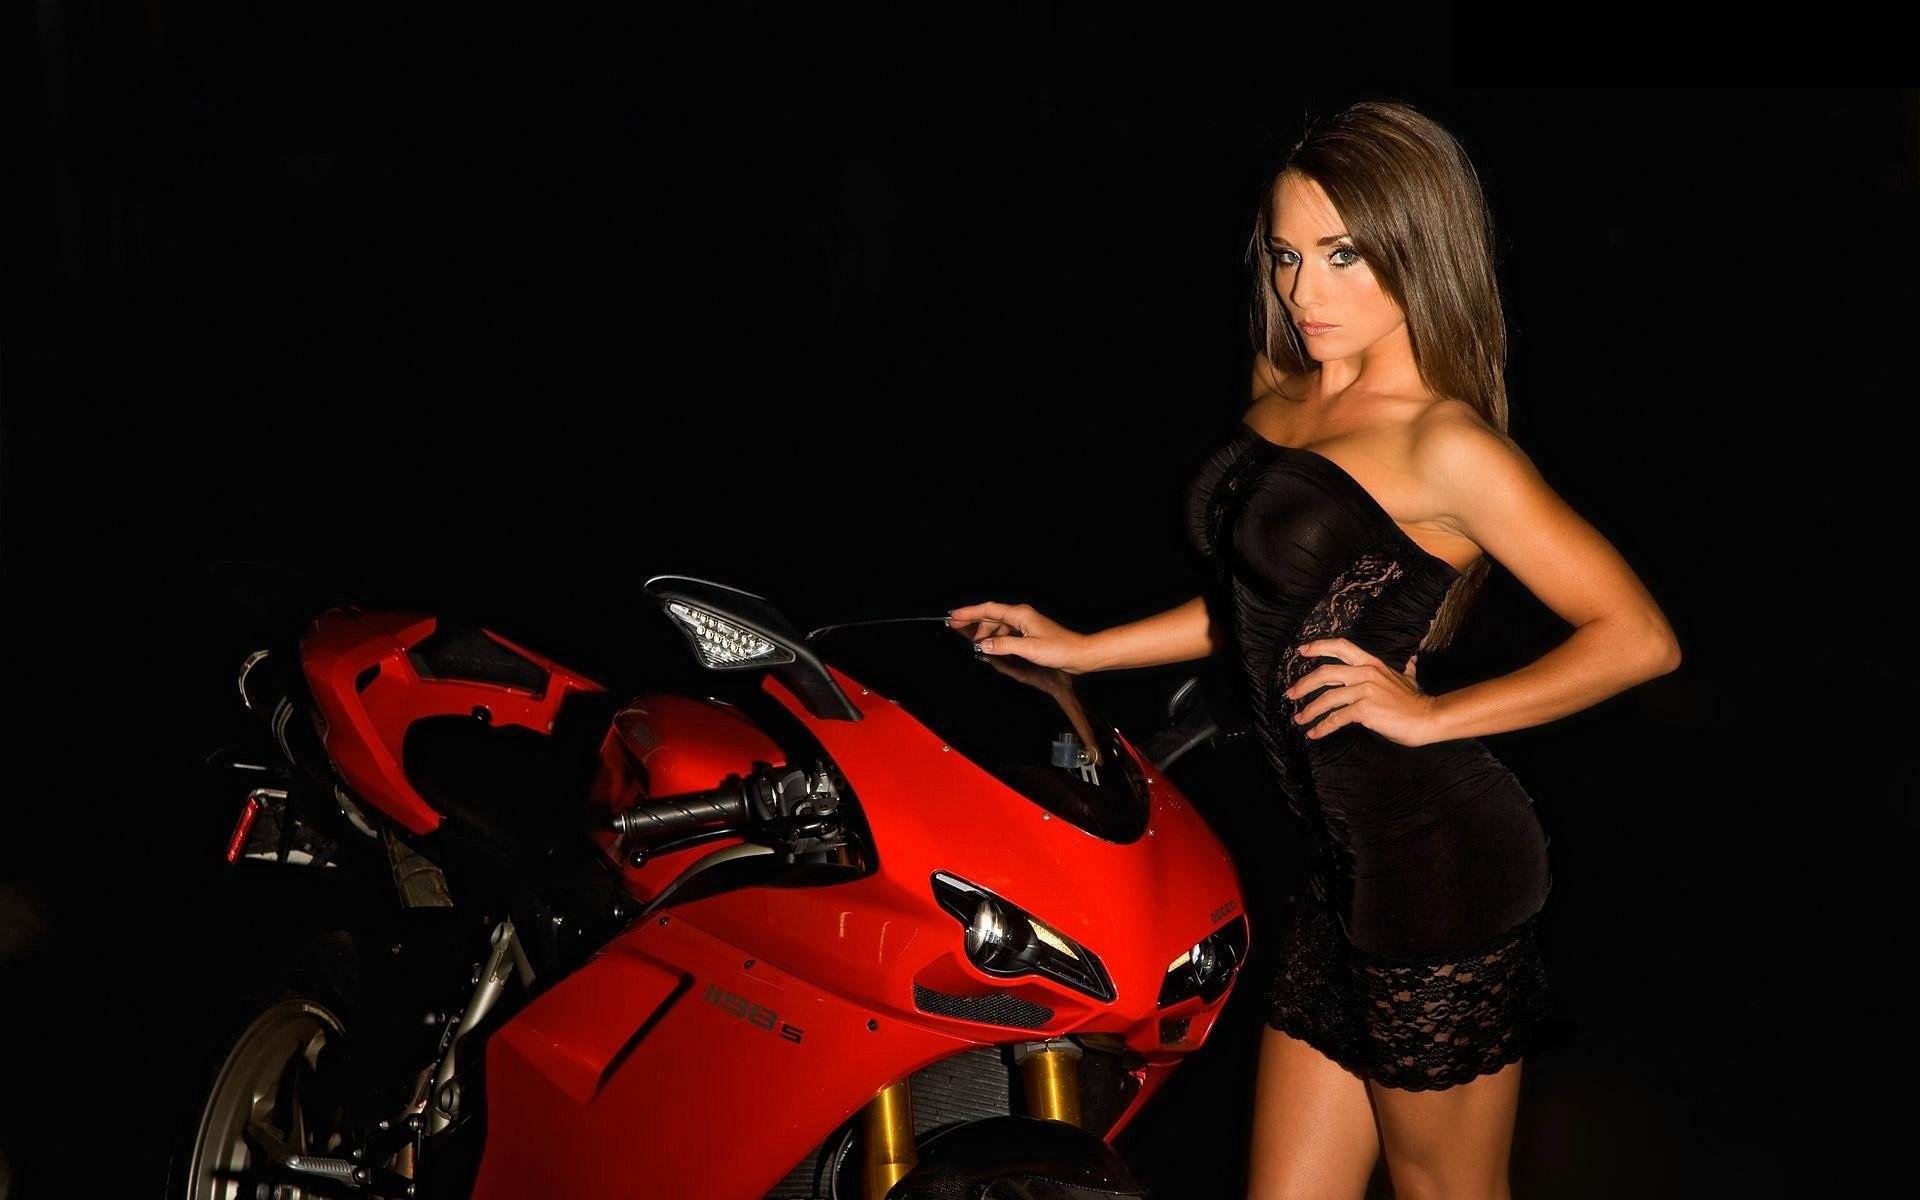 Una Ducati y una modelo - 1920x1200